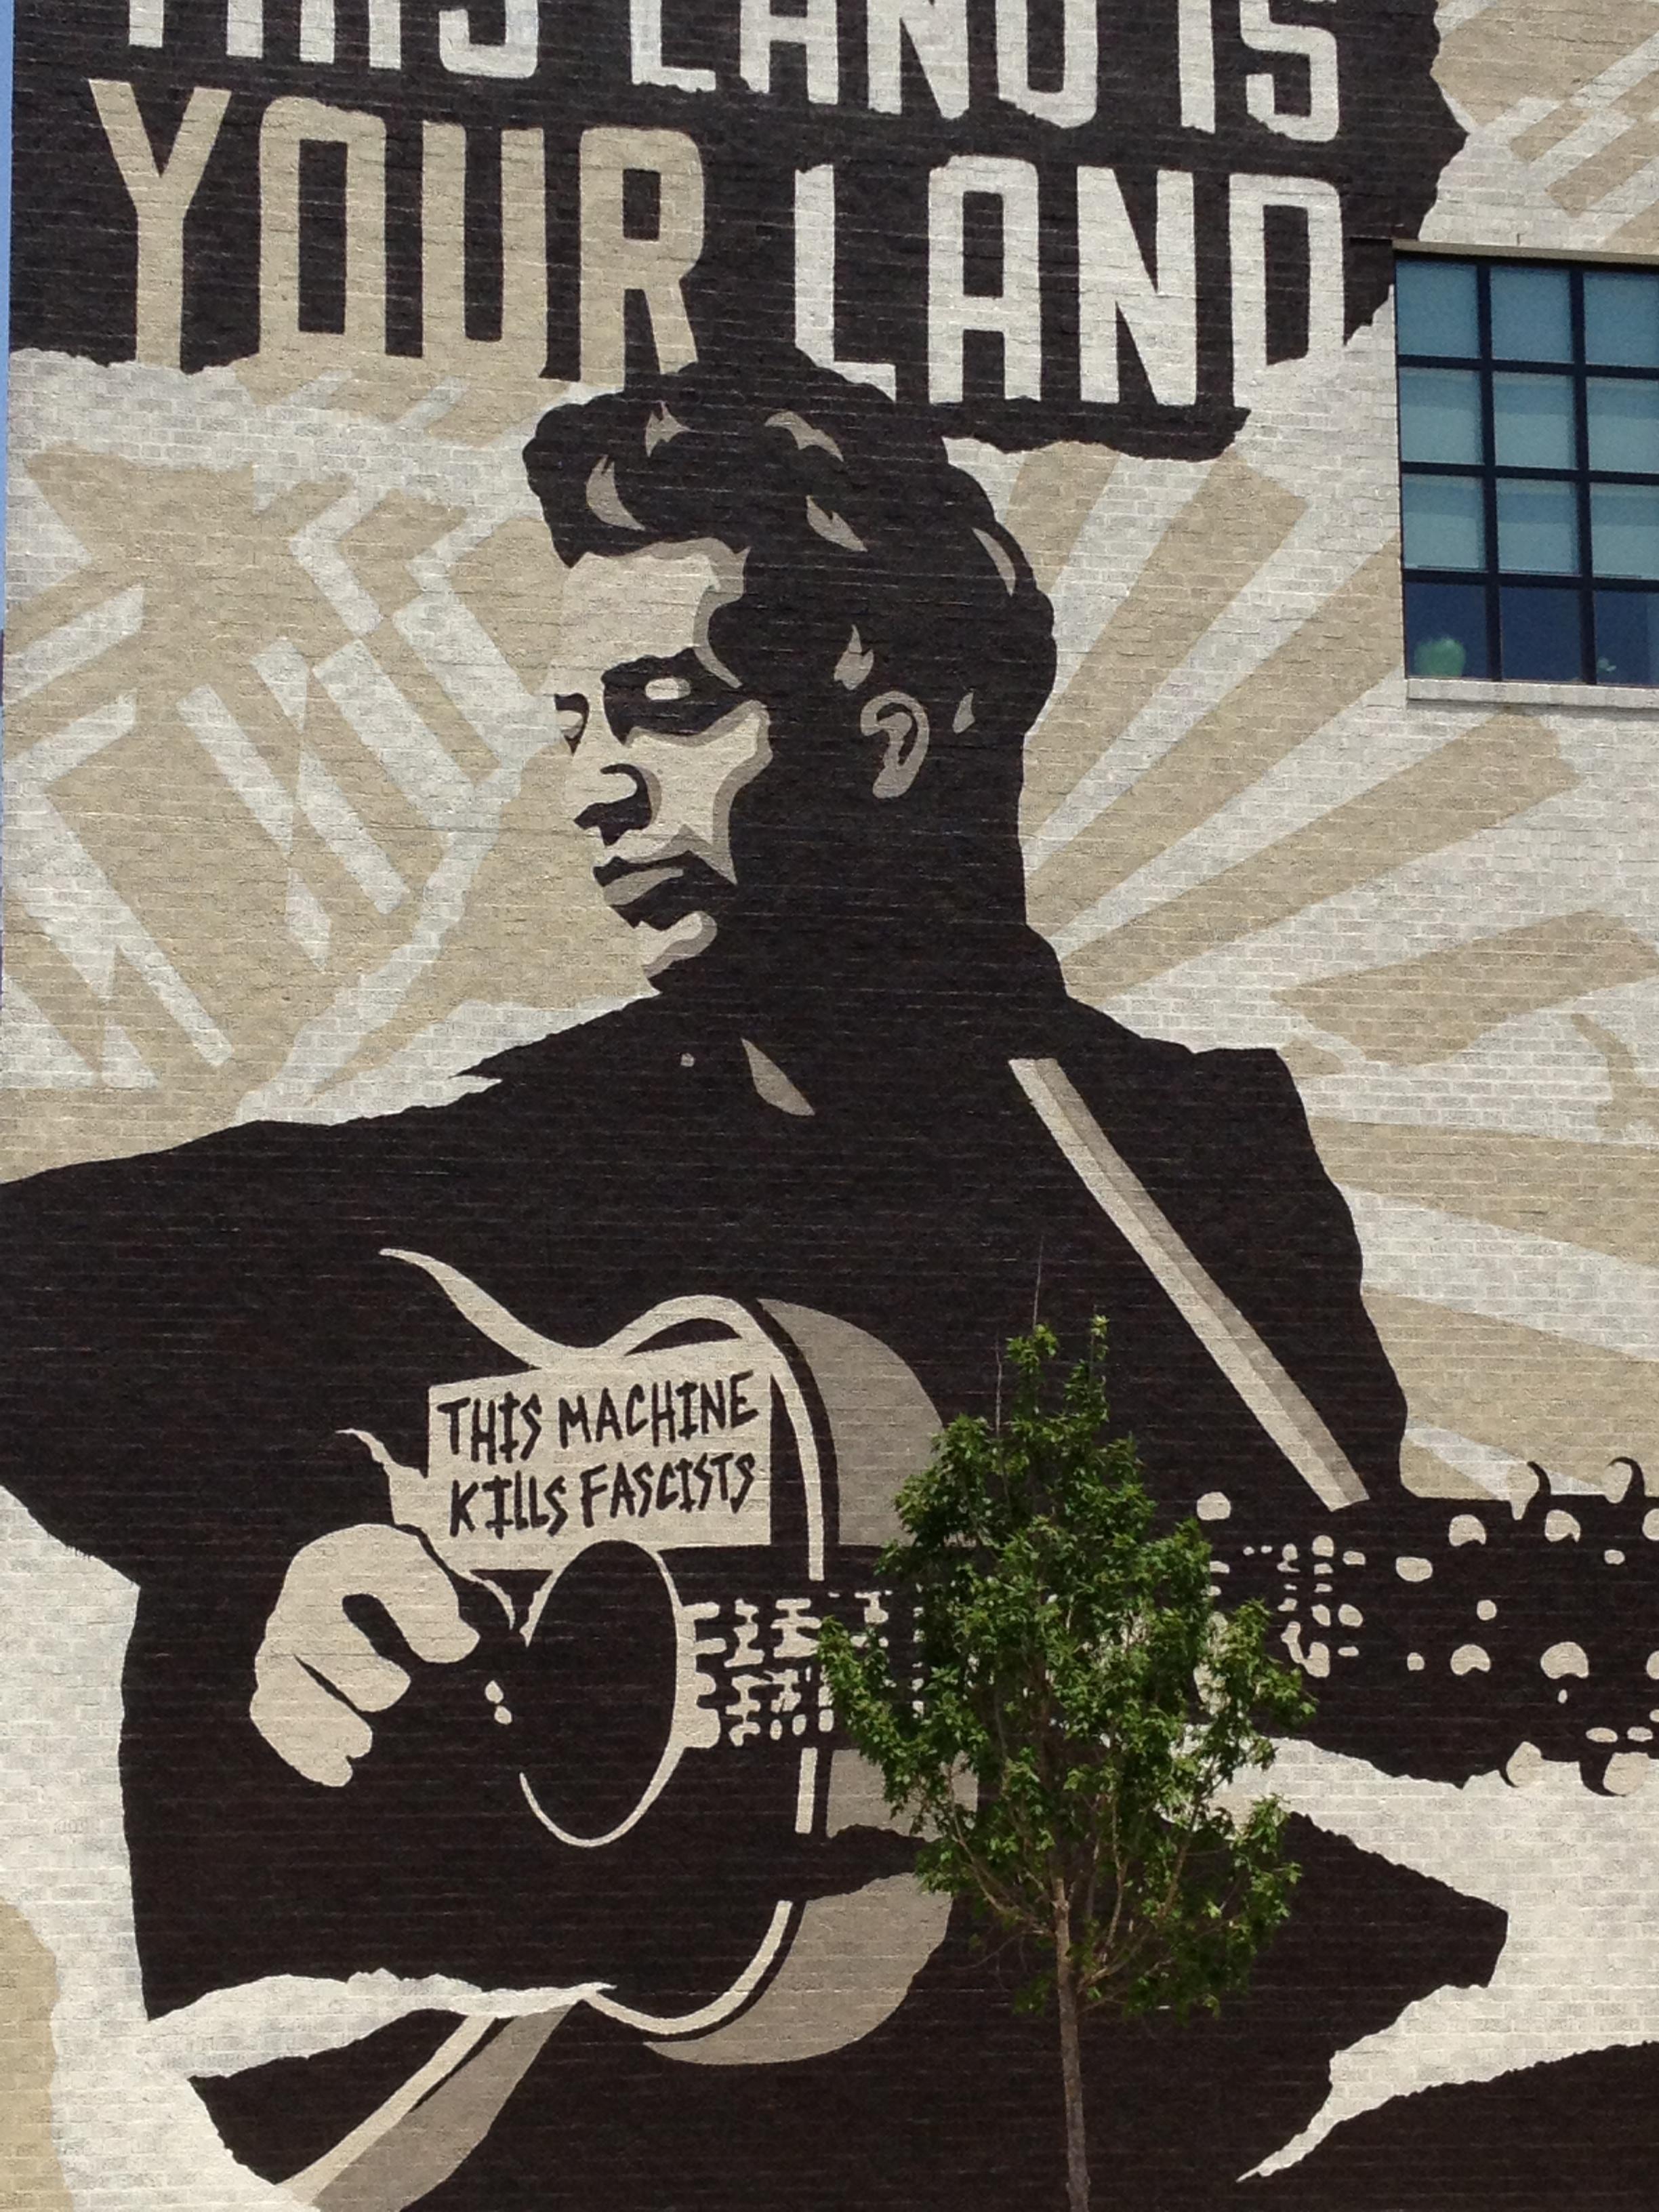 Woody Guthrie Center in Tulsa